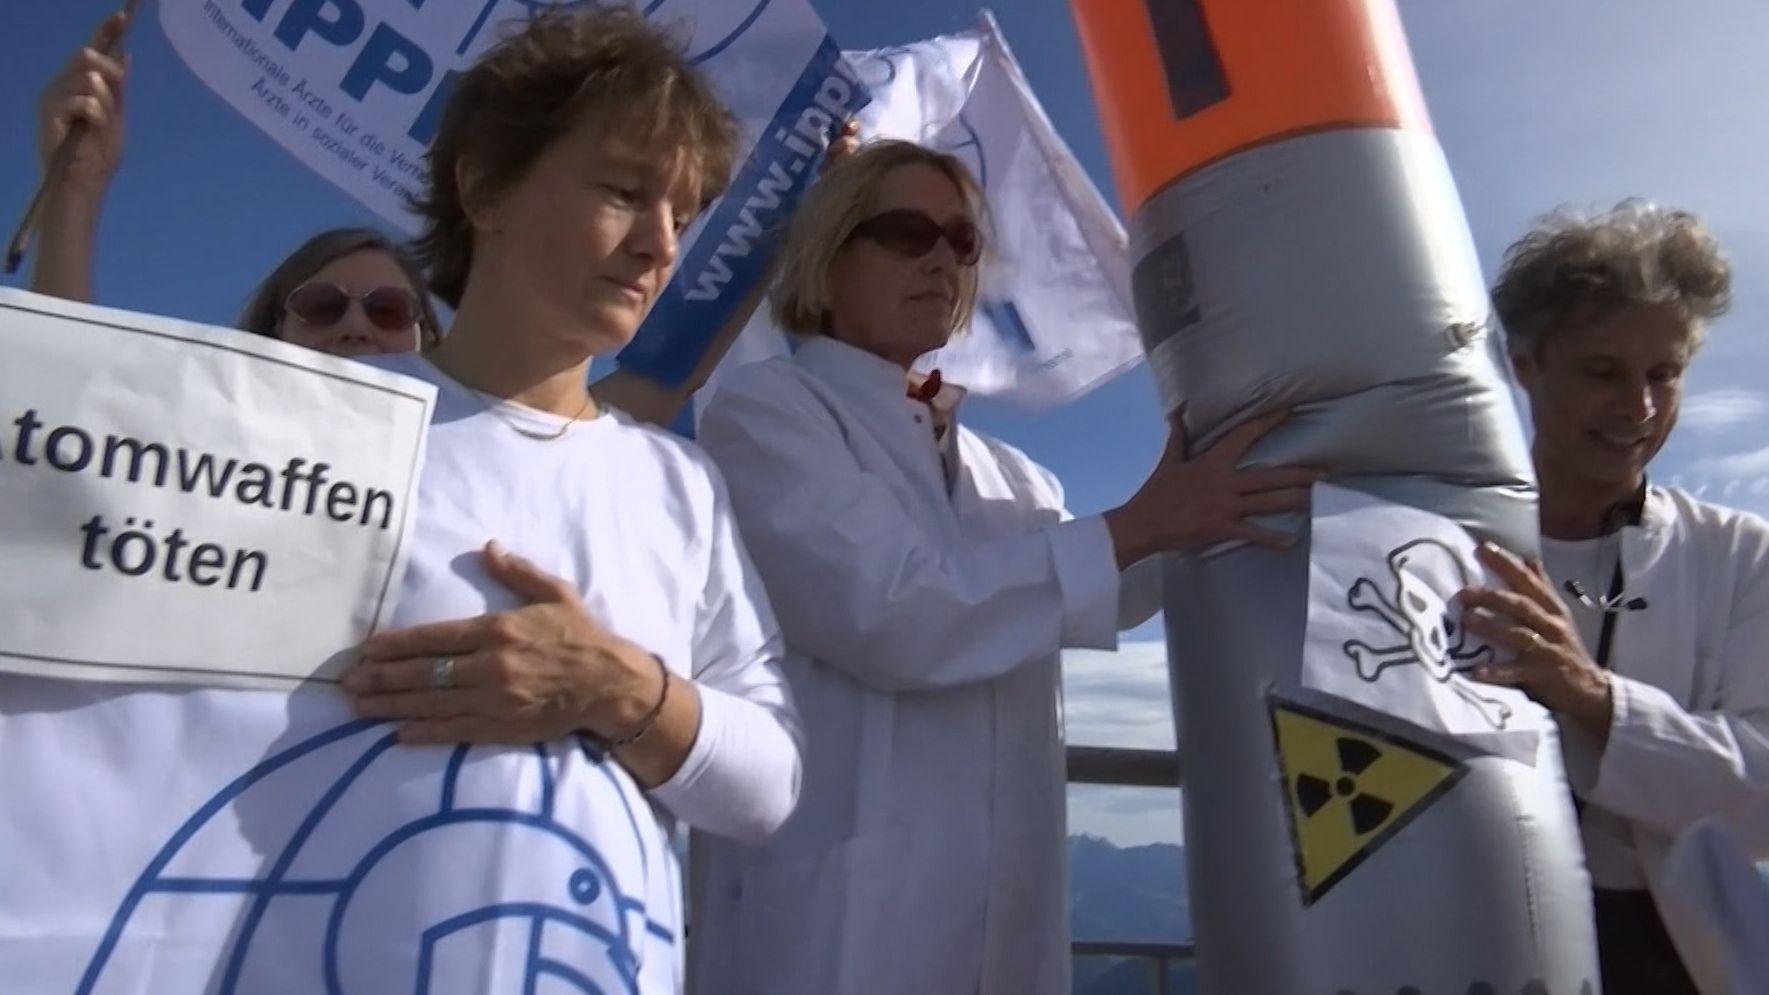 Ärzte mit Raketenatrappe am Wendelstein